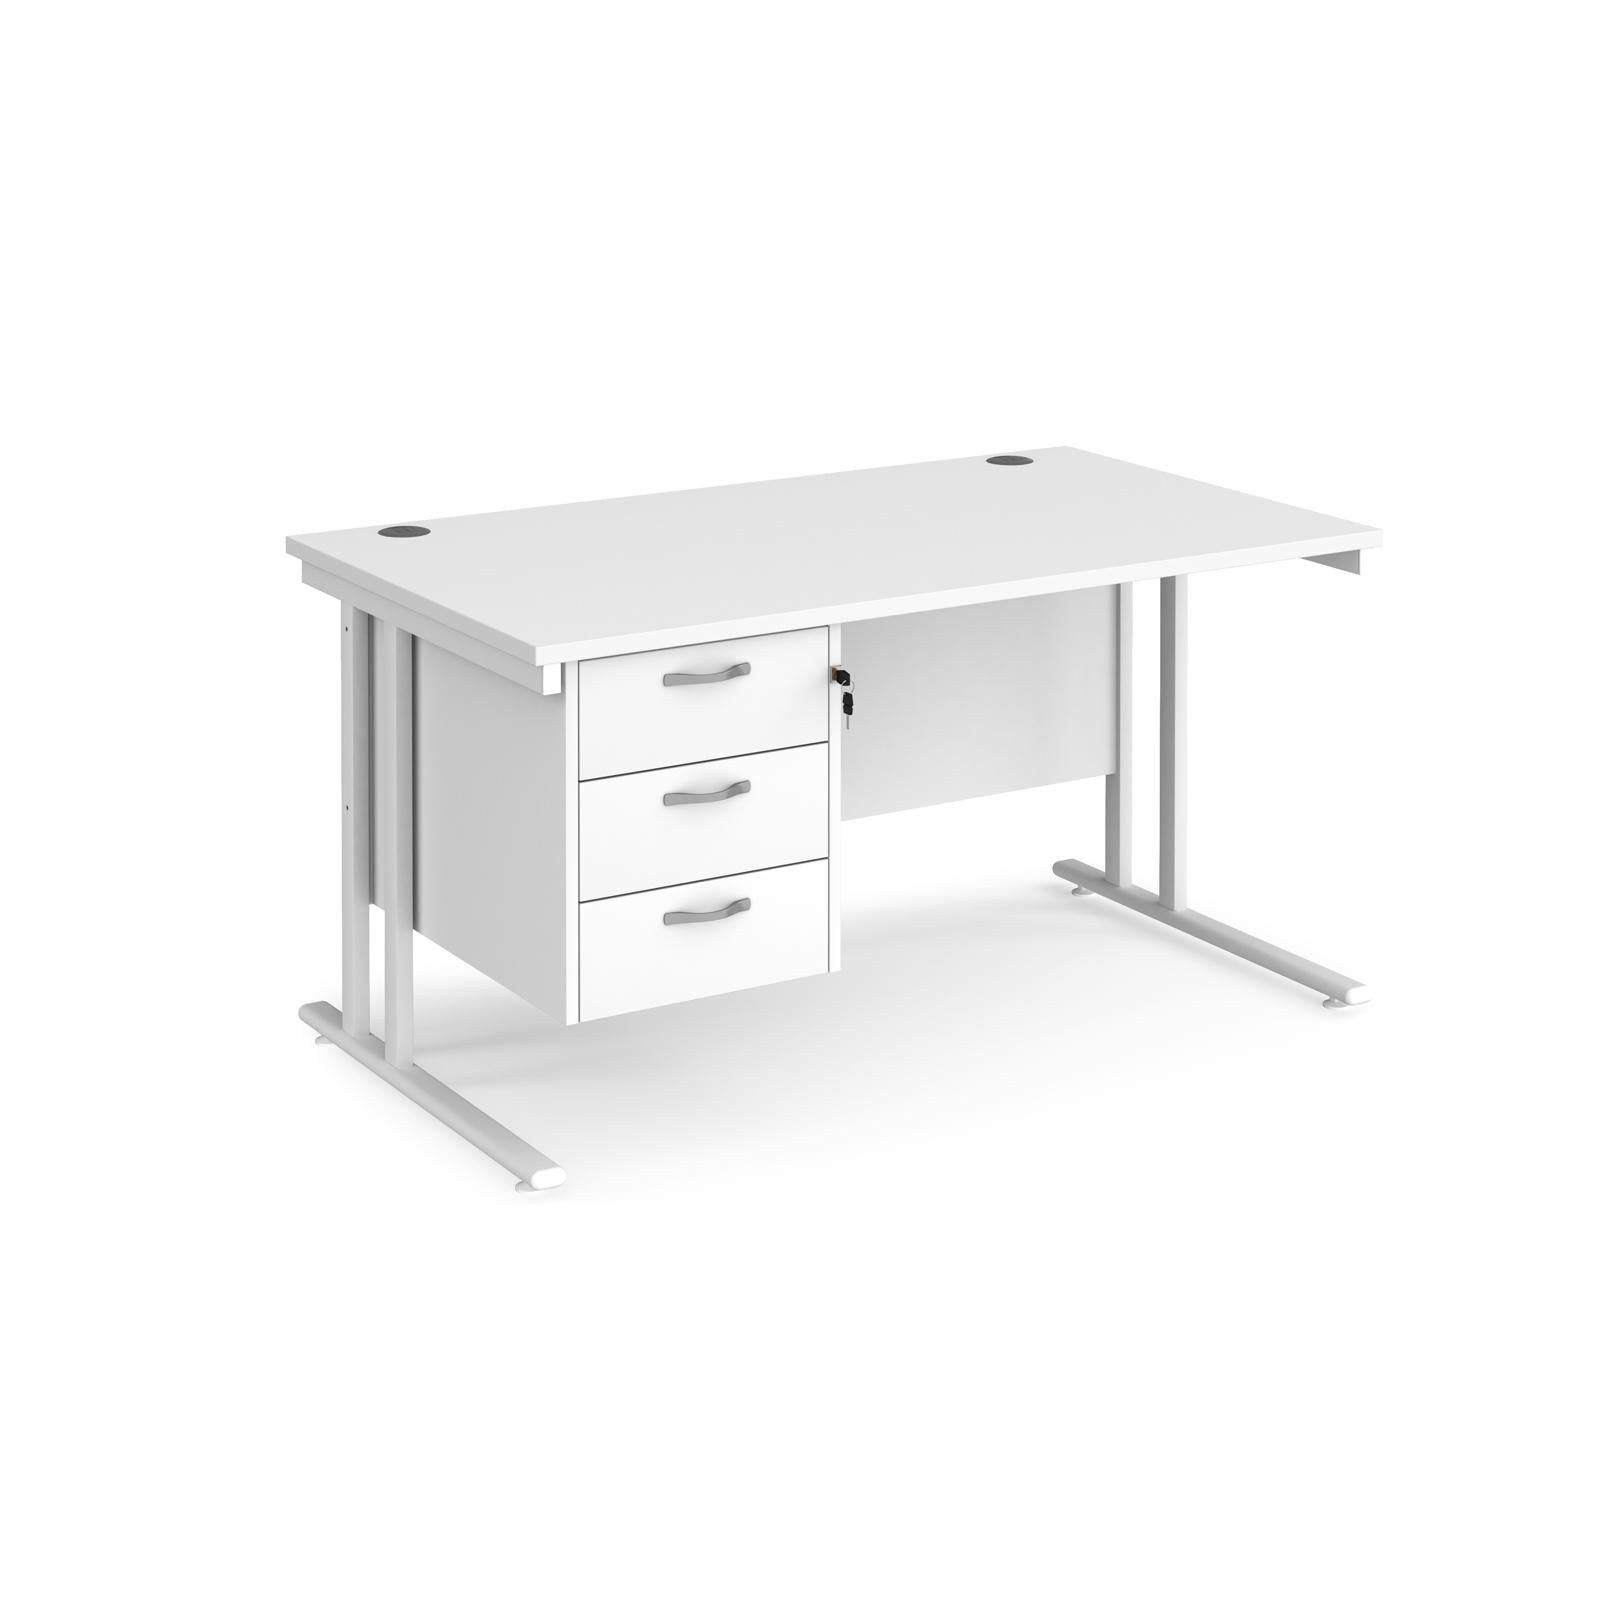 Rectangular Desks Maestro 25 straight desk 1400mm x 800mm with 3 drawer pedestal - white cantilever leg frame, white top